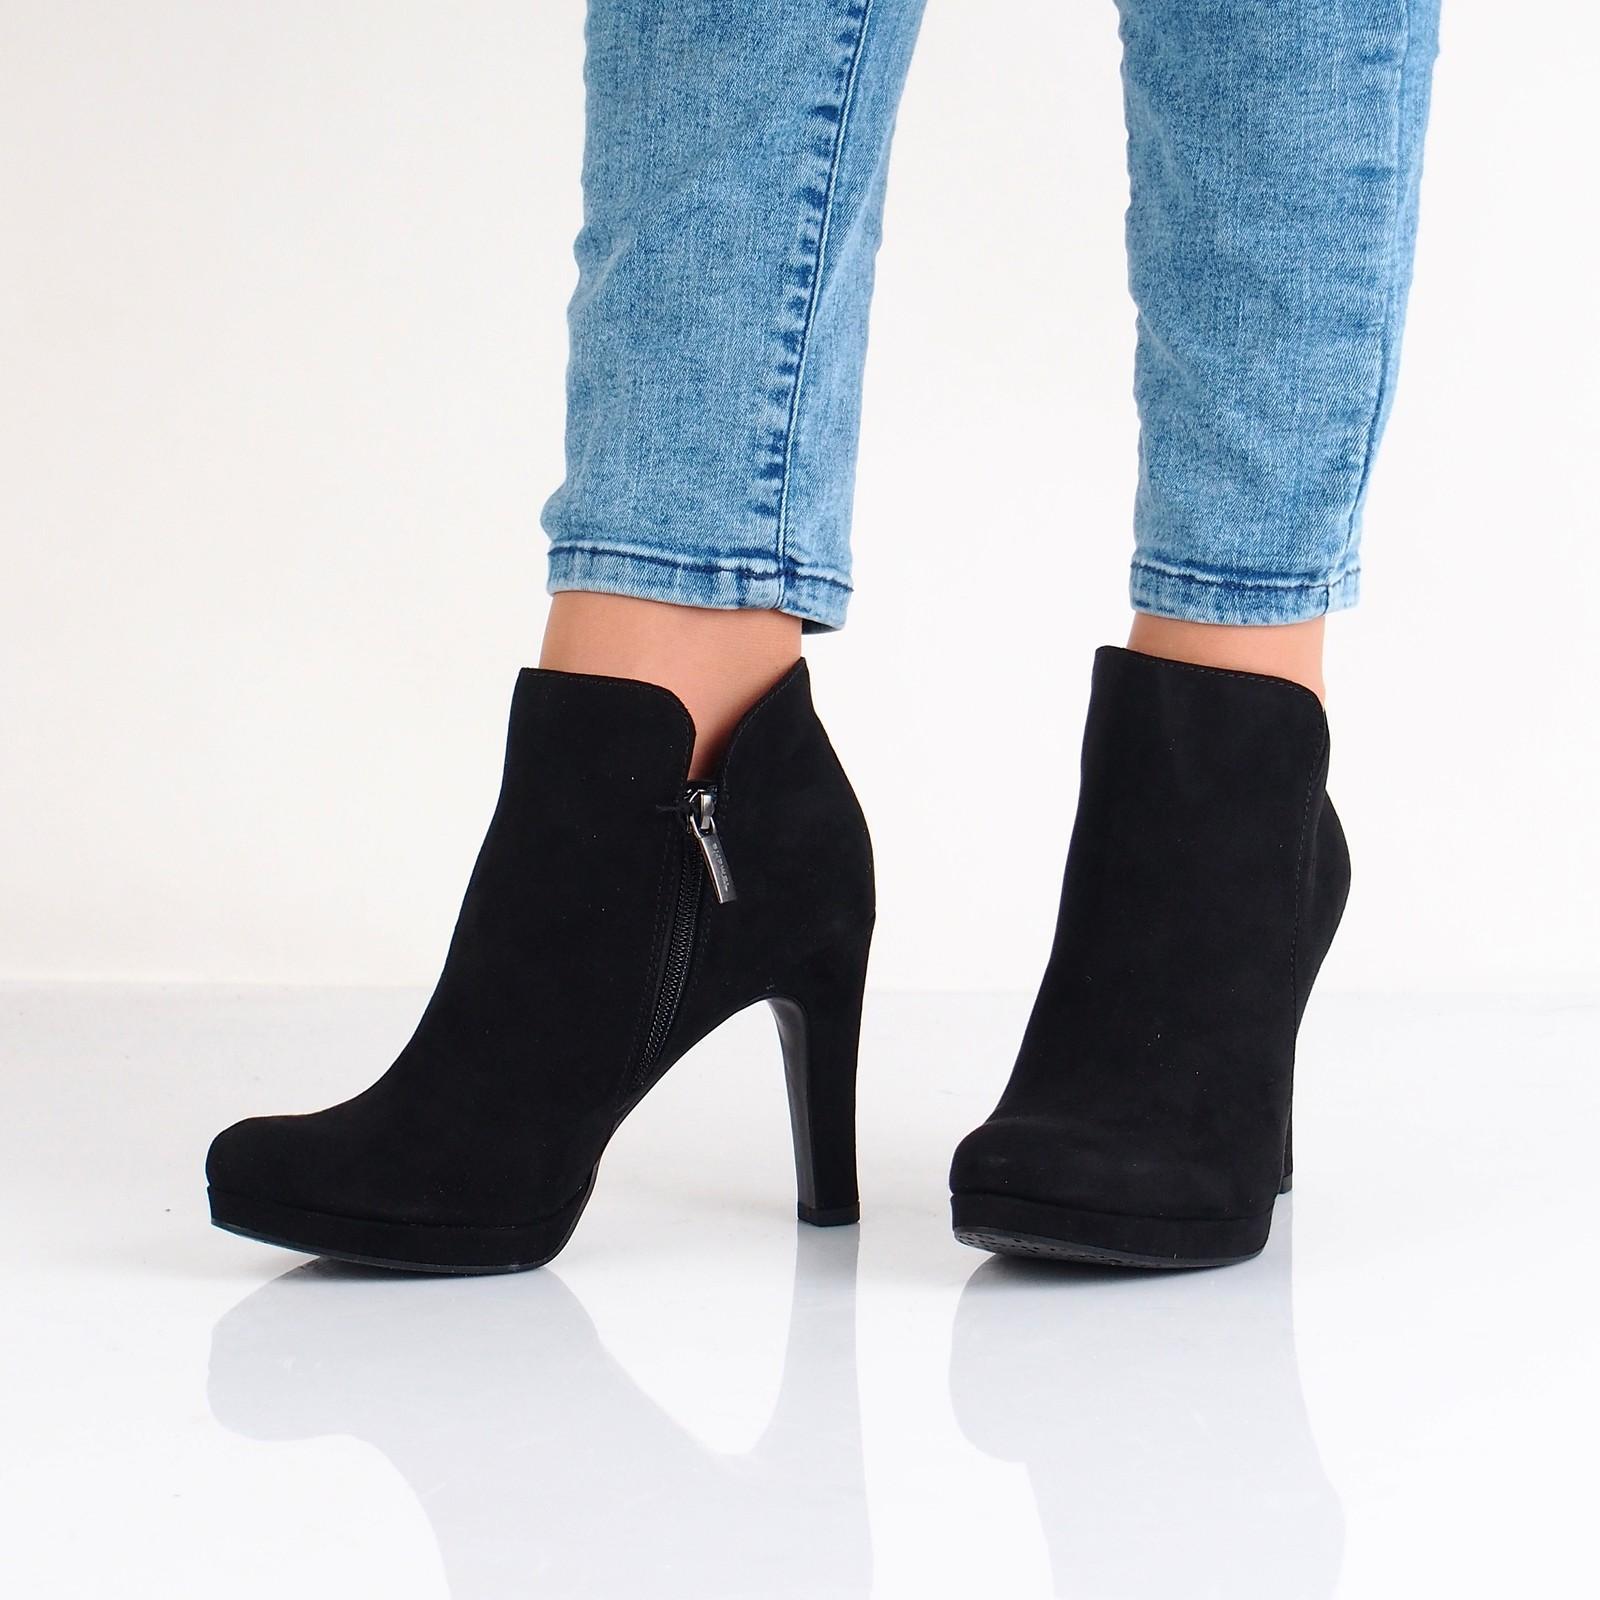 431b99402aa8 Tamaris dámské kotníkové boty na podpatku - černé ...